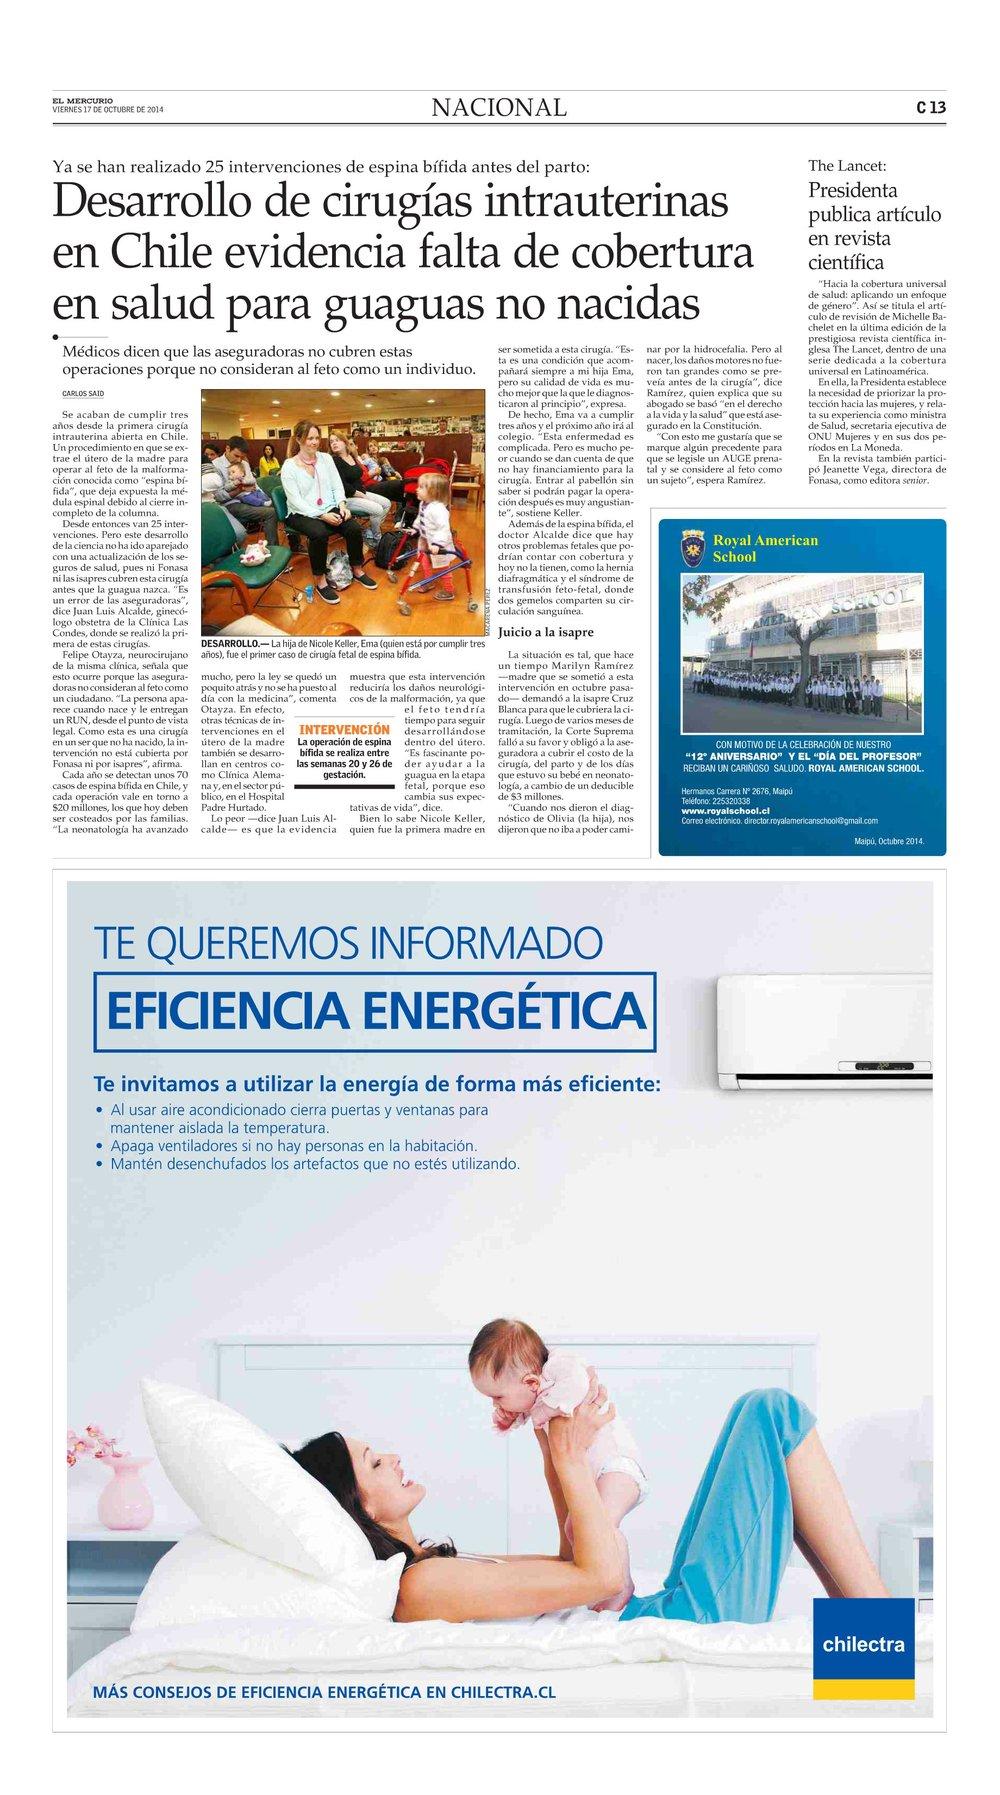 Link:http://diario.elmercurio.com/2014/10/17/nacional/nacional/noticias/7c57c576-f5dc-43ee-b97d-f7872a335ab4.htm